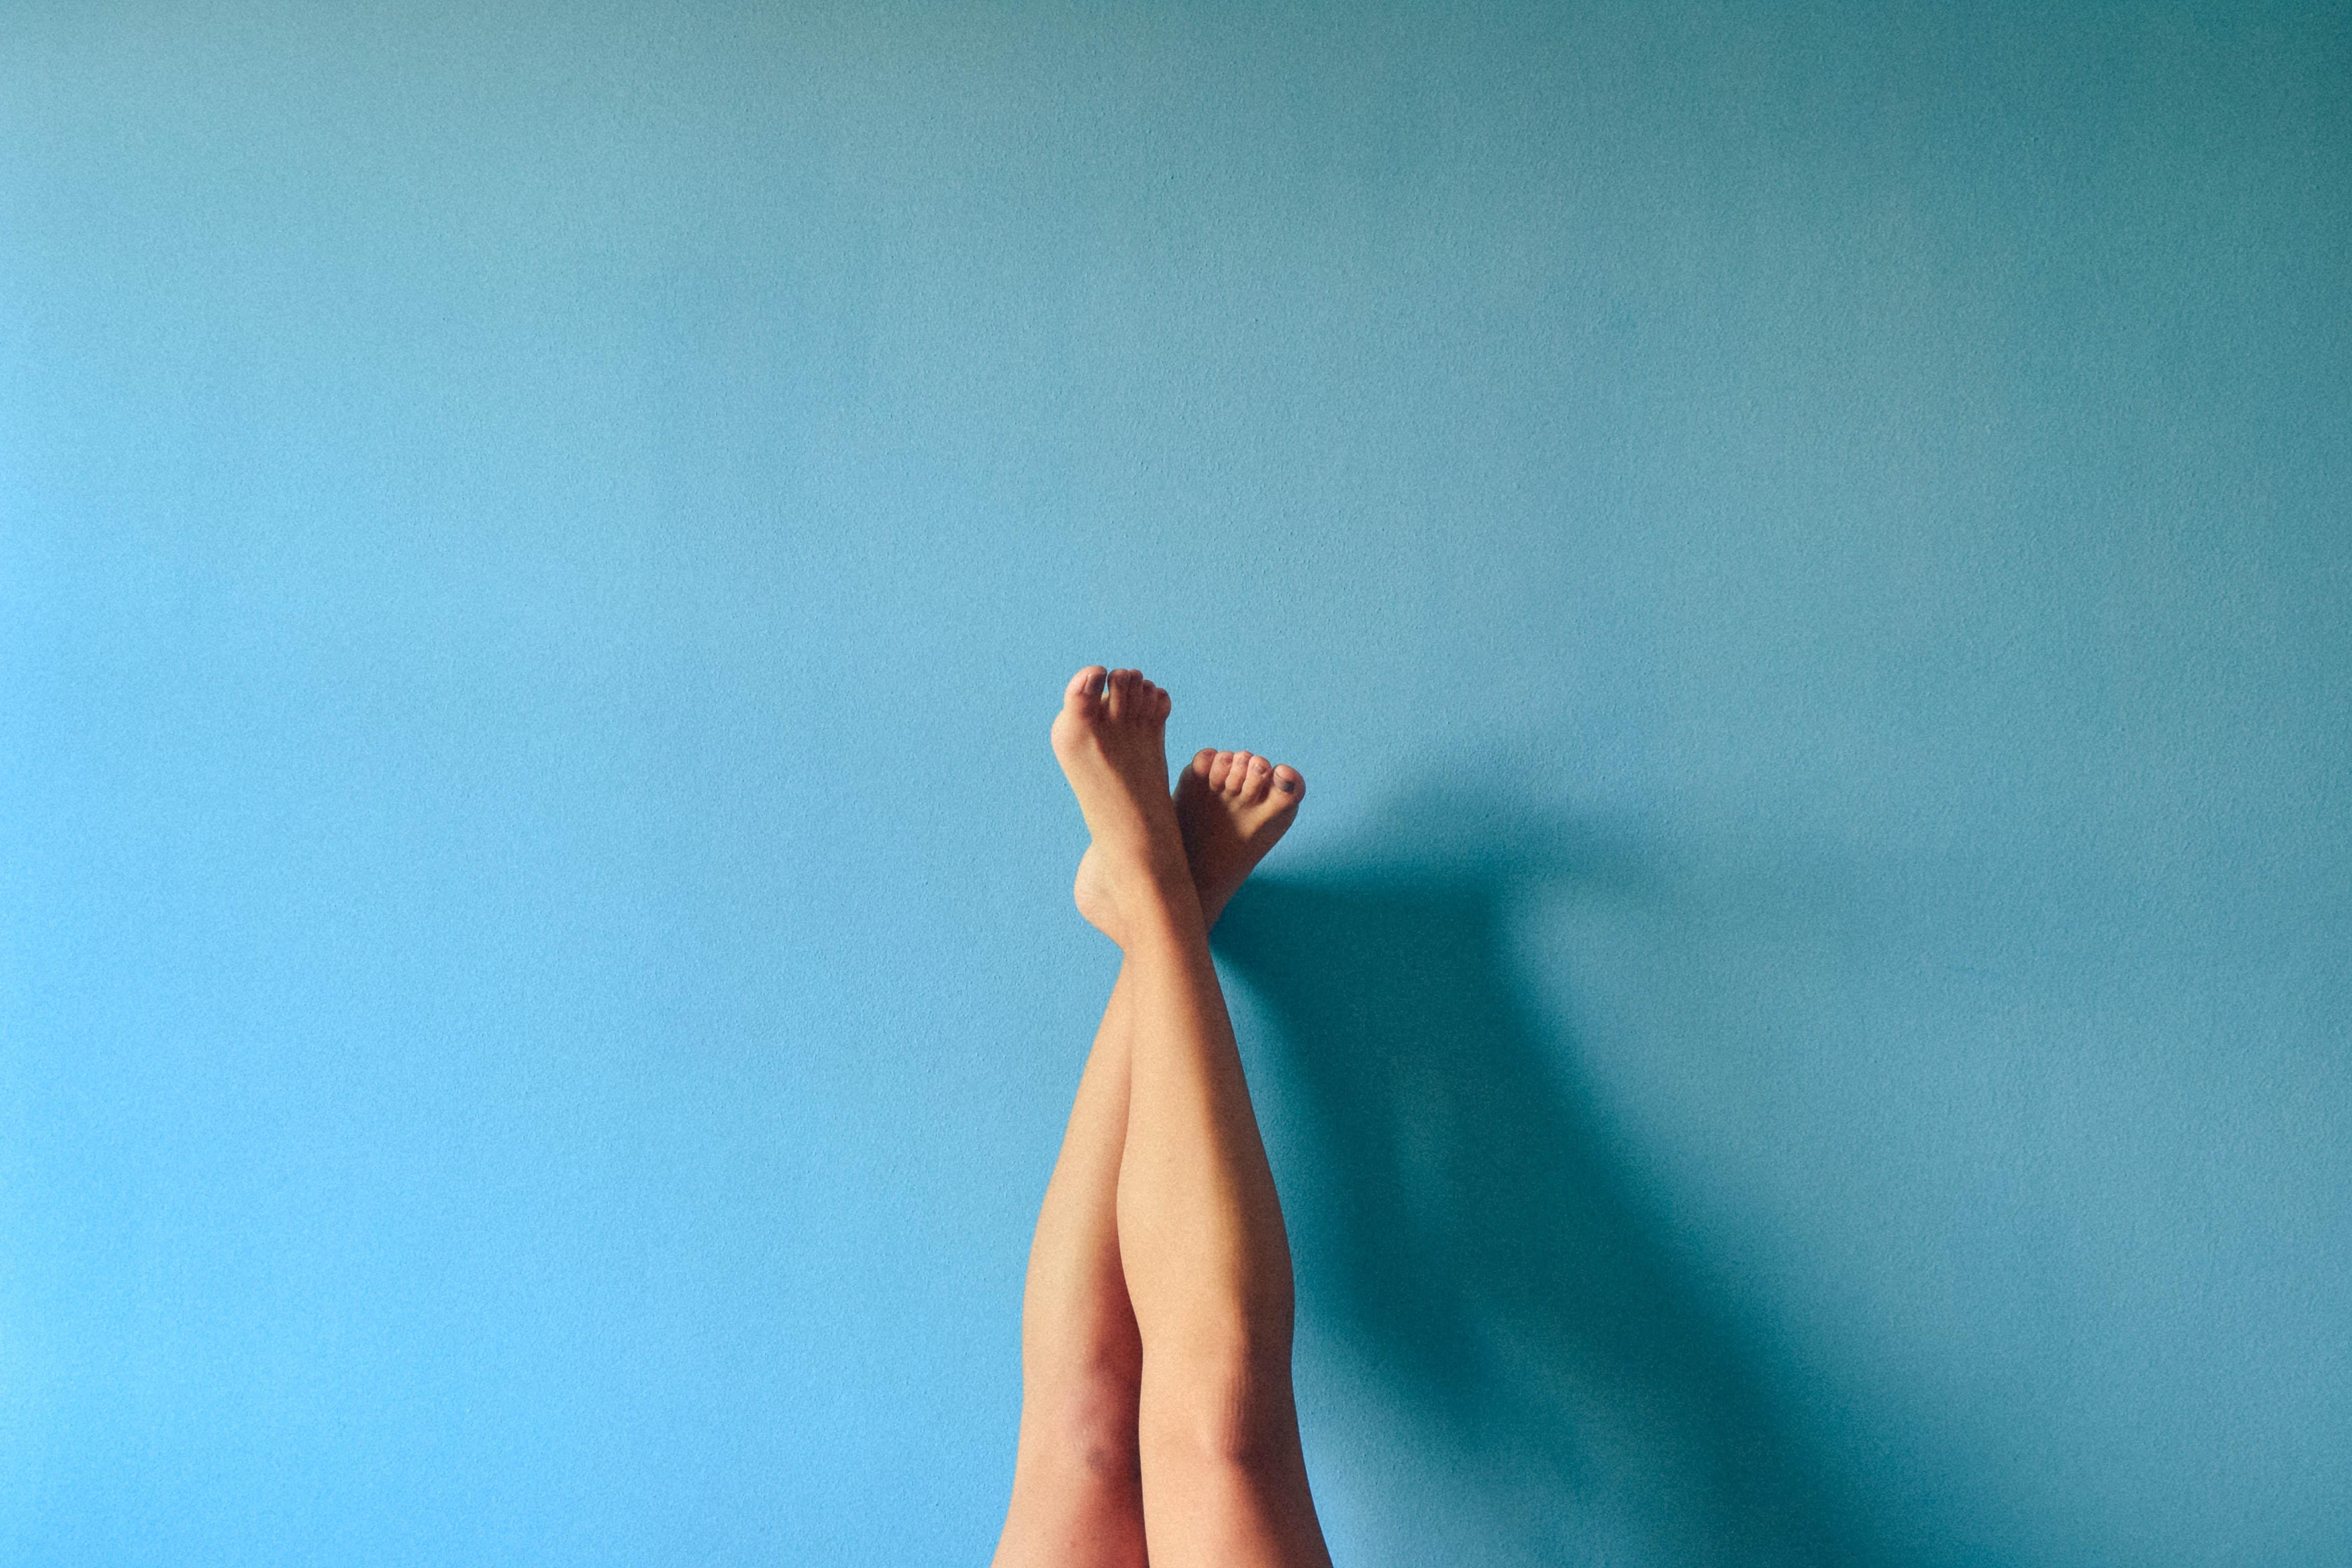 ふくらはぎのインナーマッスル【後脛骨筋、長趾屈筋、長母趾屈筋】役割と特徴とトレーニングの種類